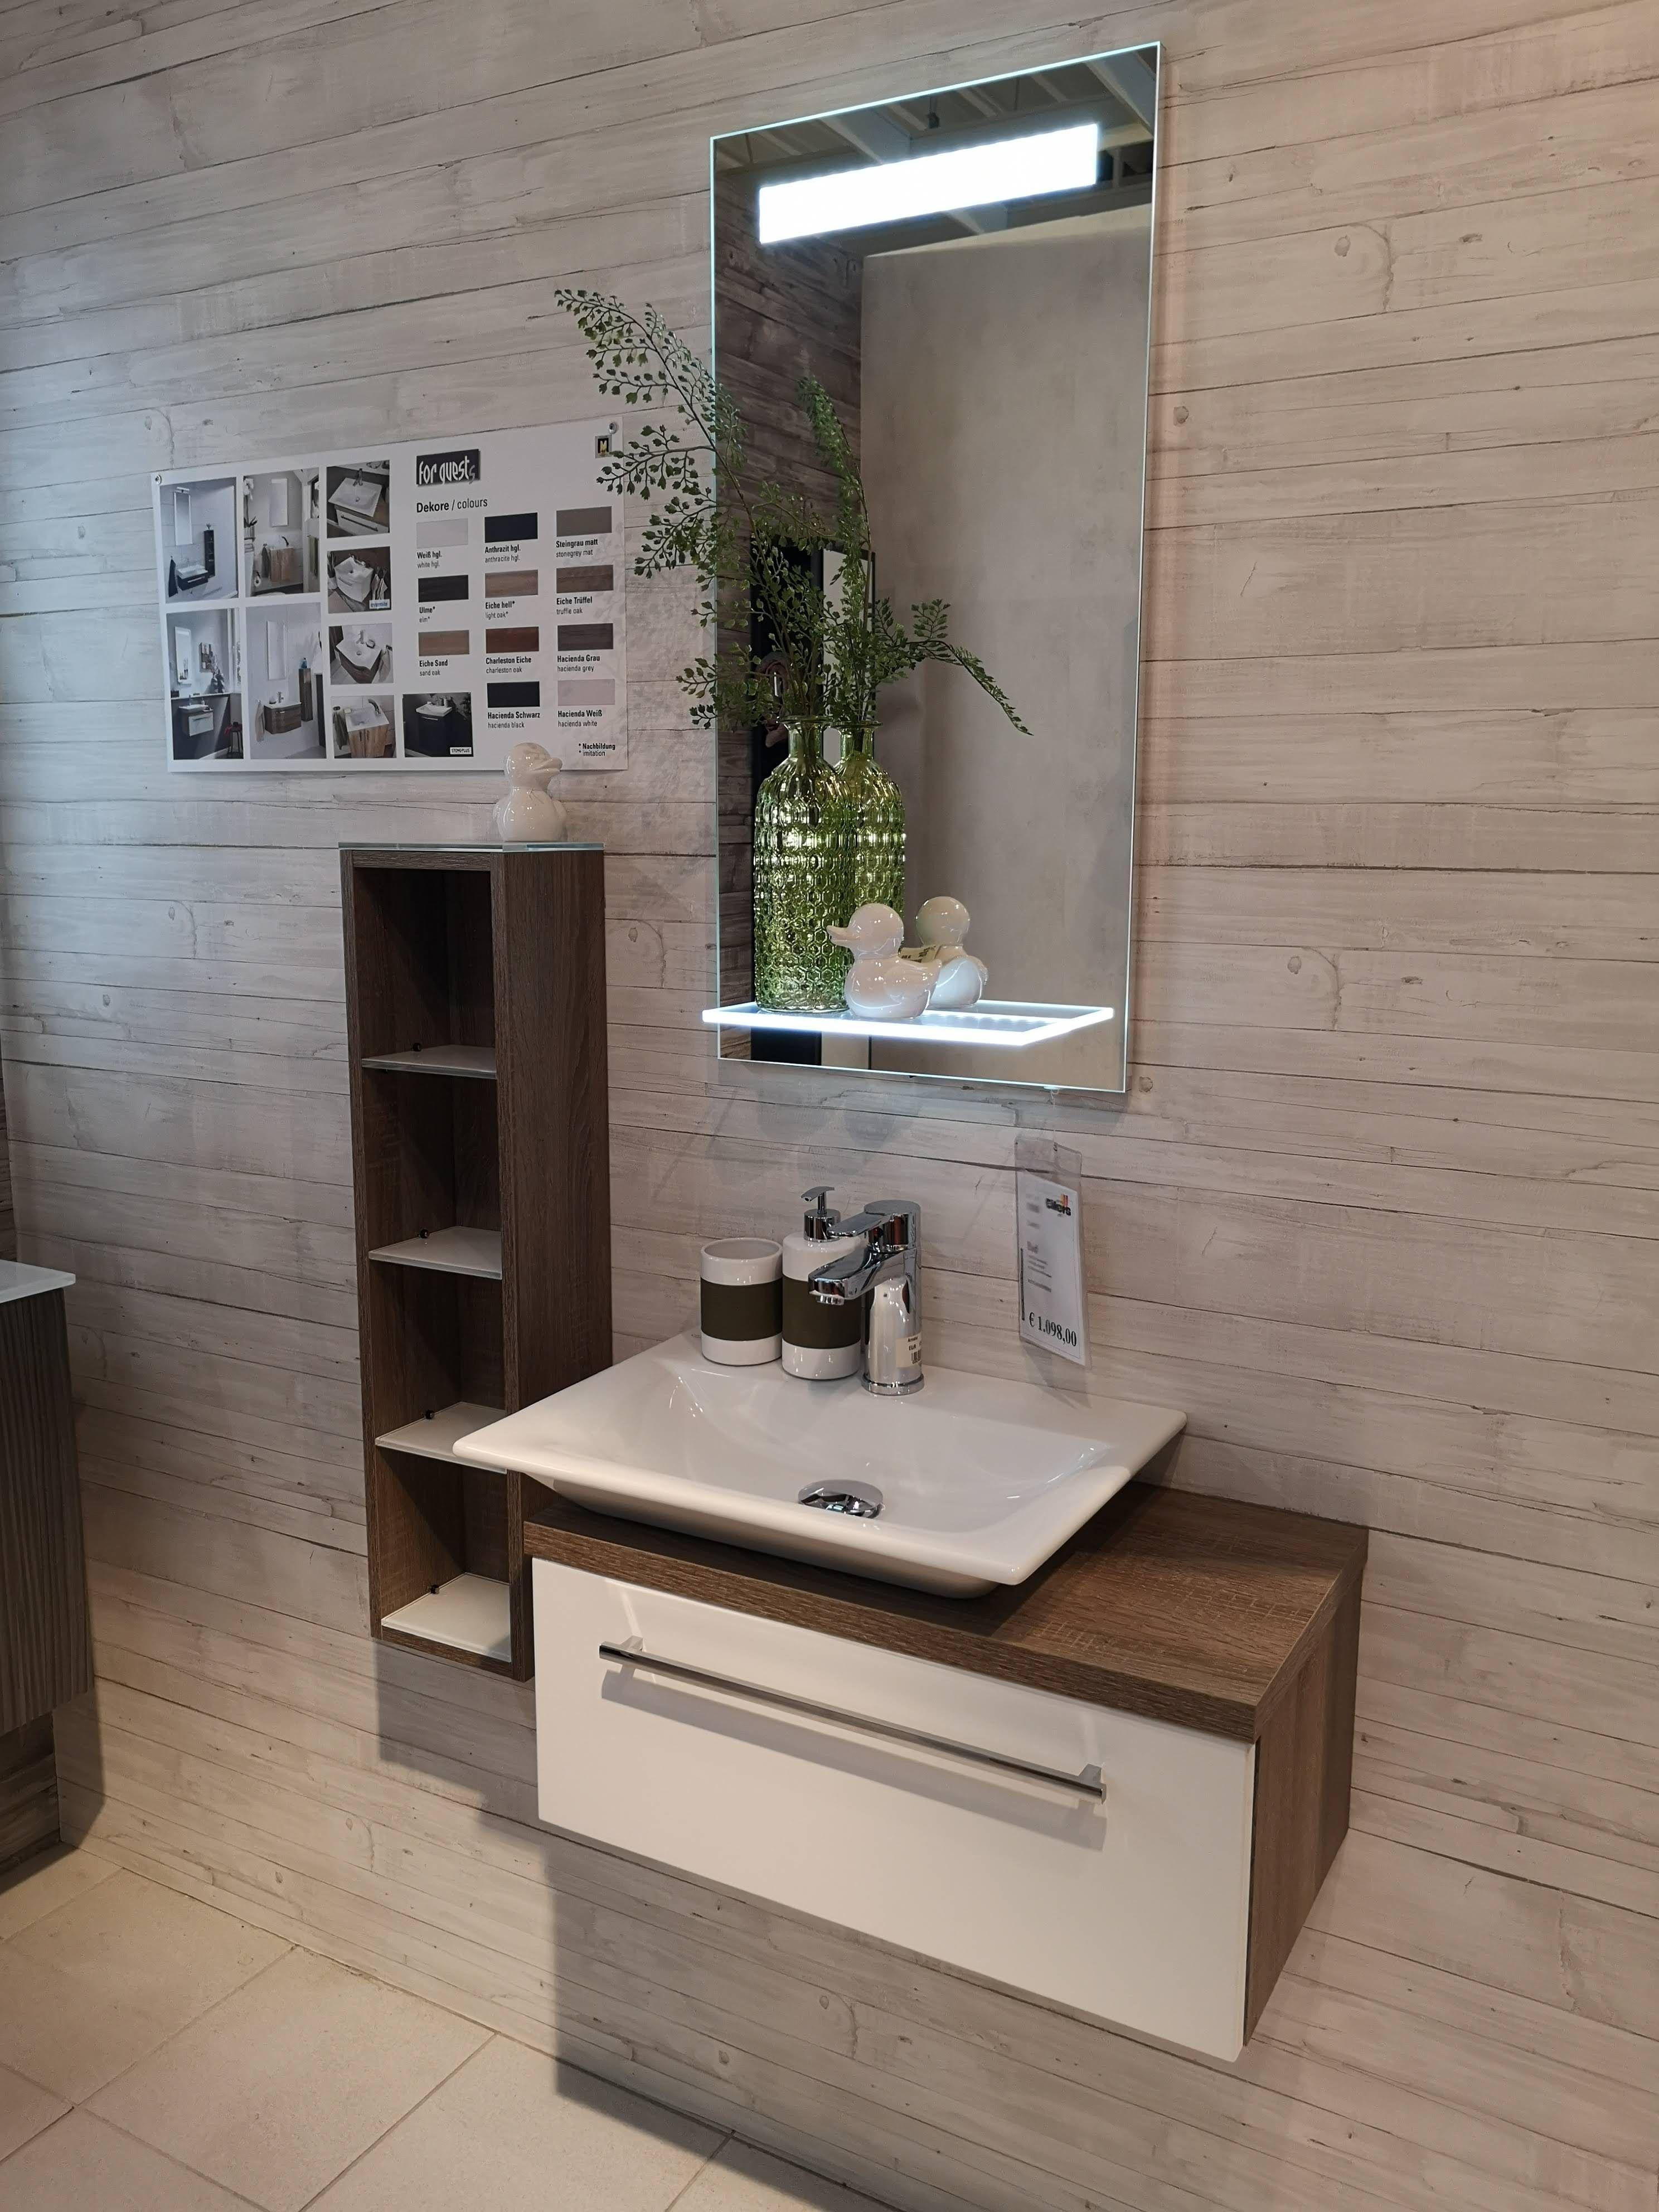 Auch Kleine Badezimmer Konnen Sehr Chic Und Modern Eingerichtet Werden Badezimmer Badmobel Einrichten Badezimmer Bad Einrichten Kleine Badezimmer